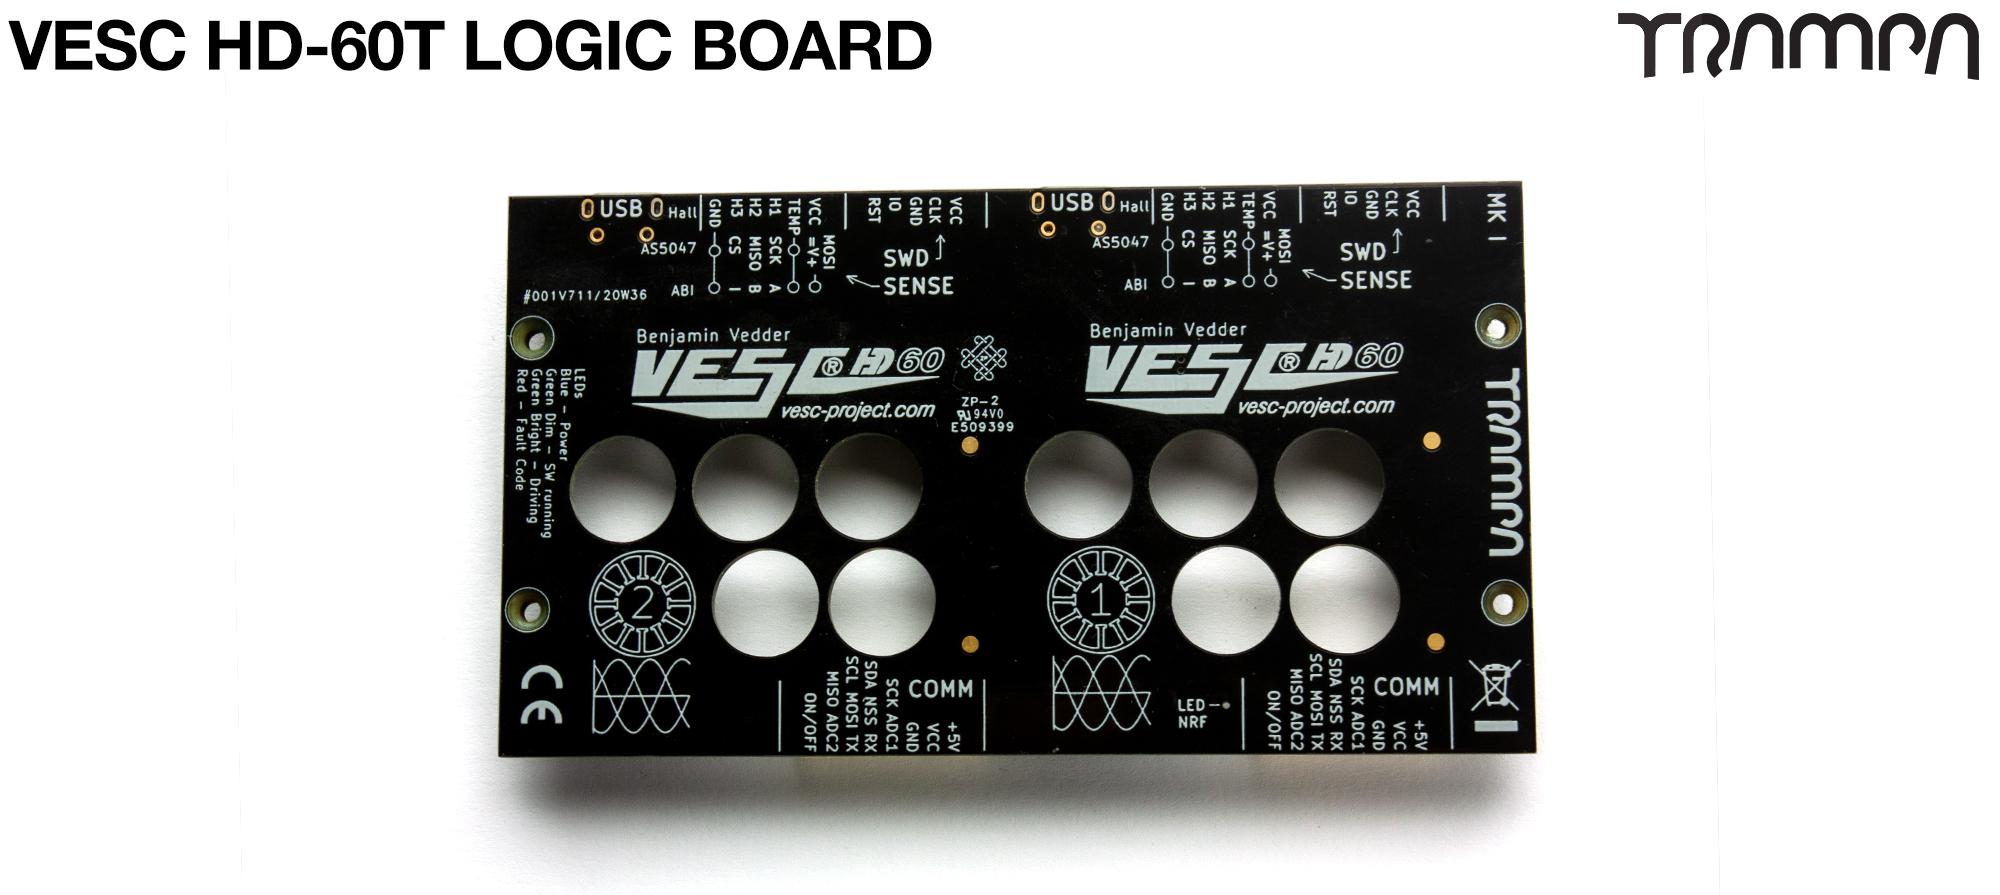 VESC HD-60T - PCB Logic